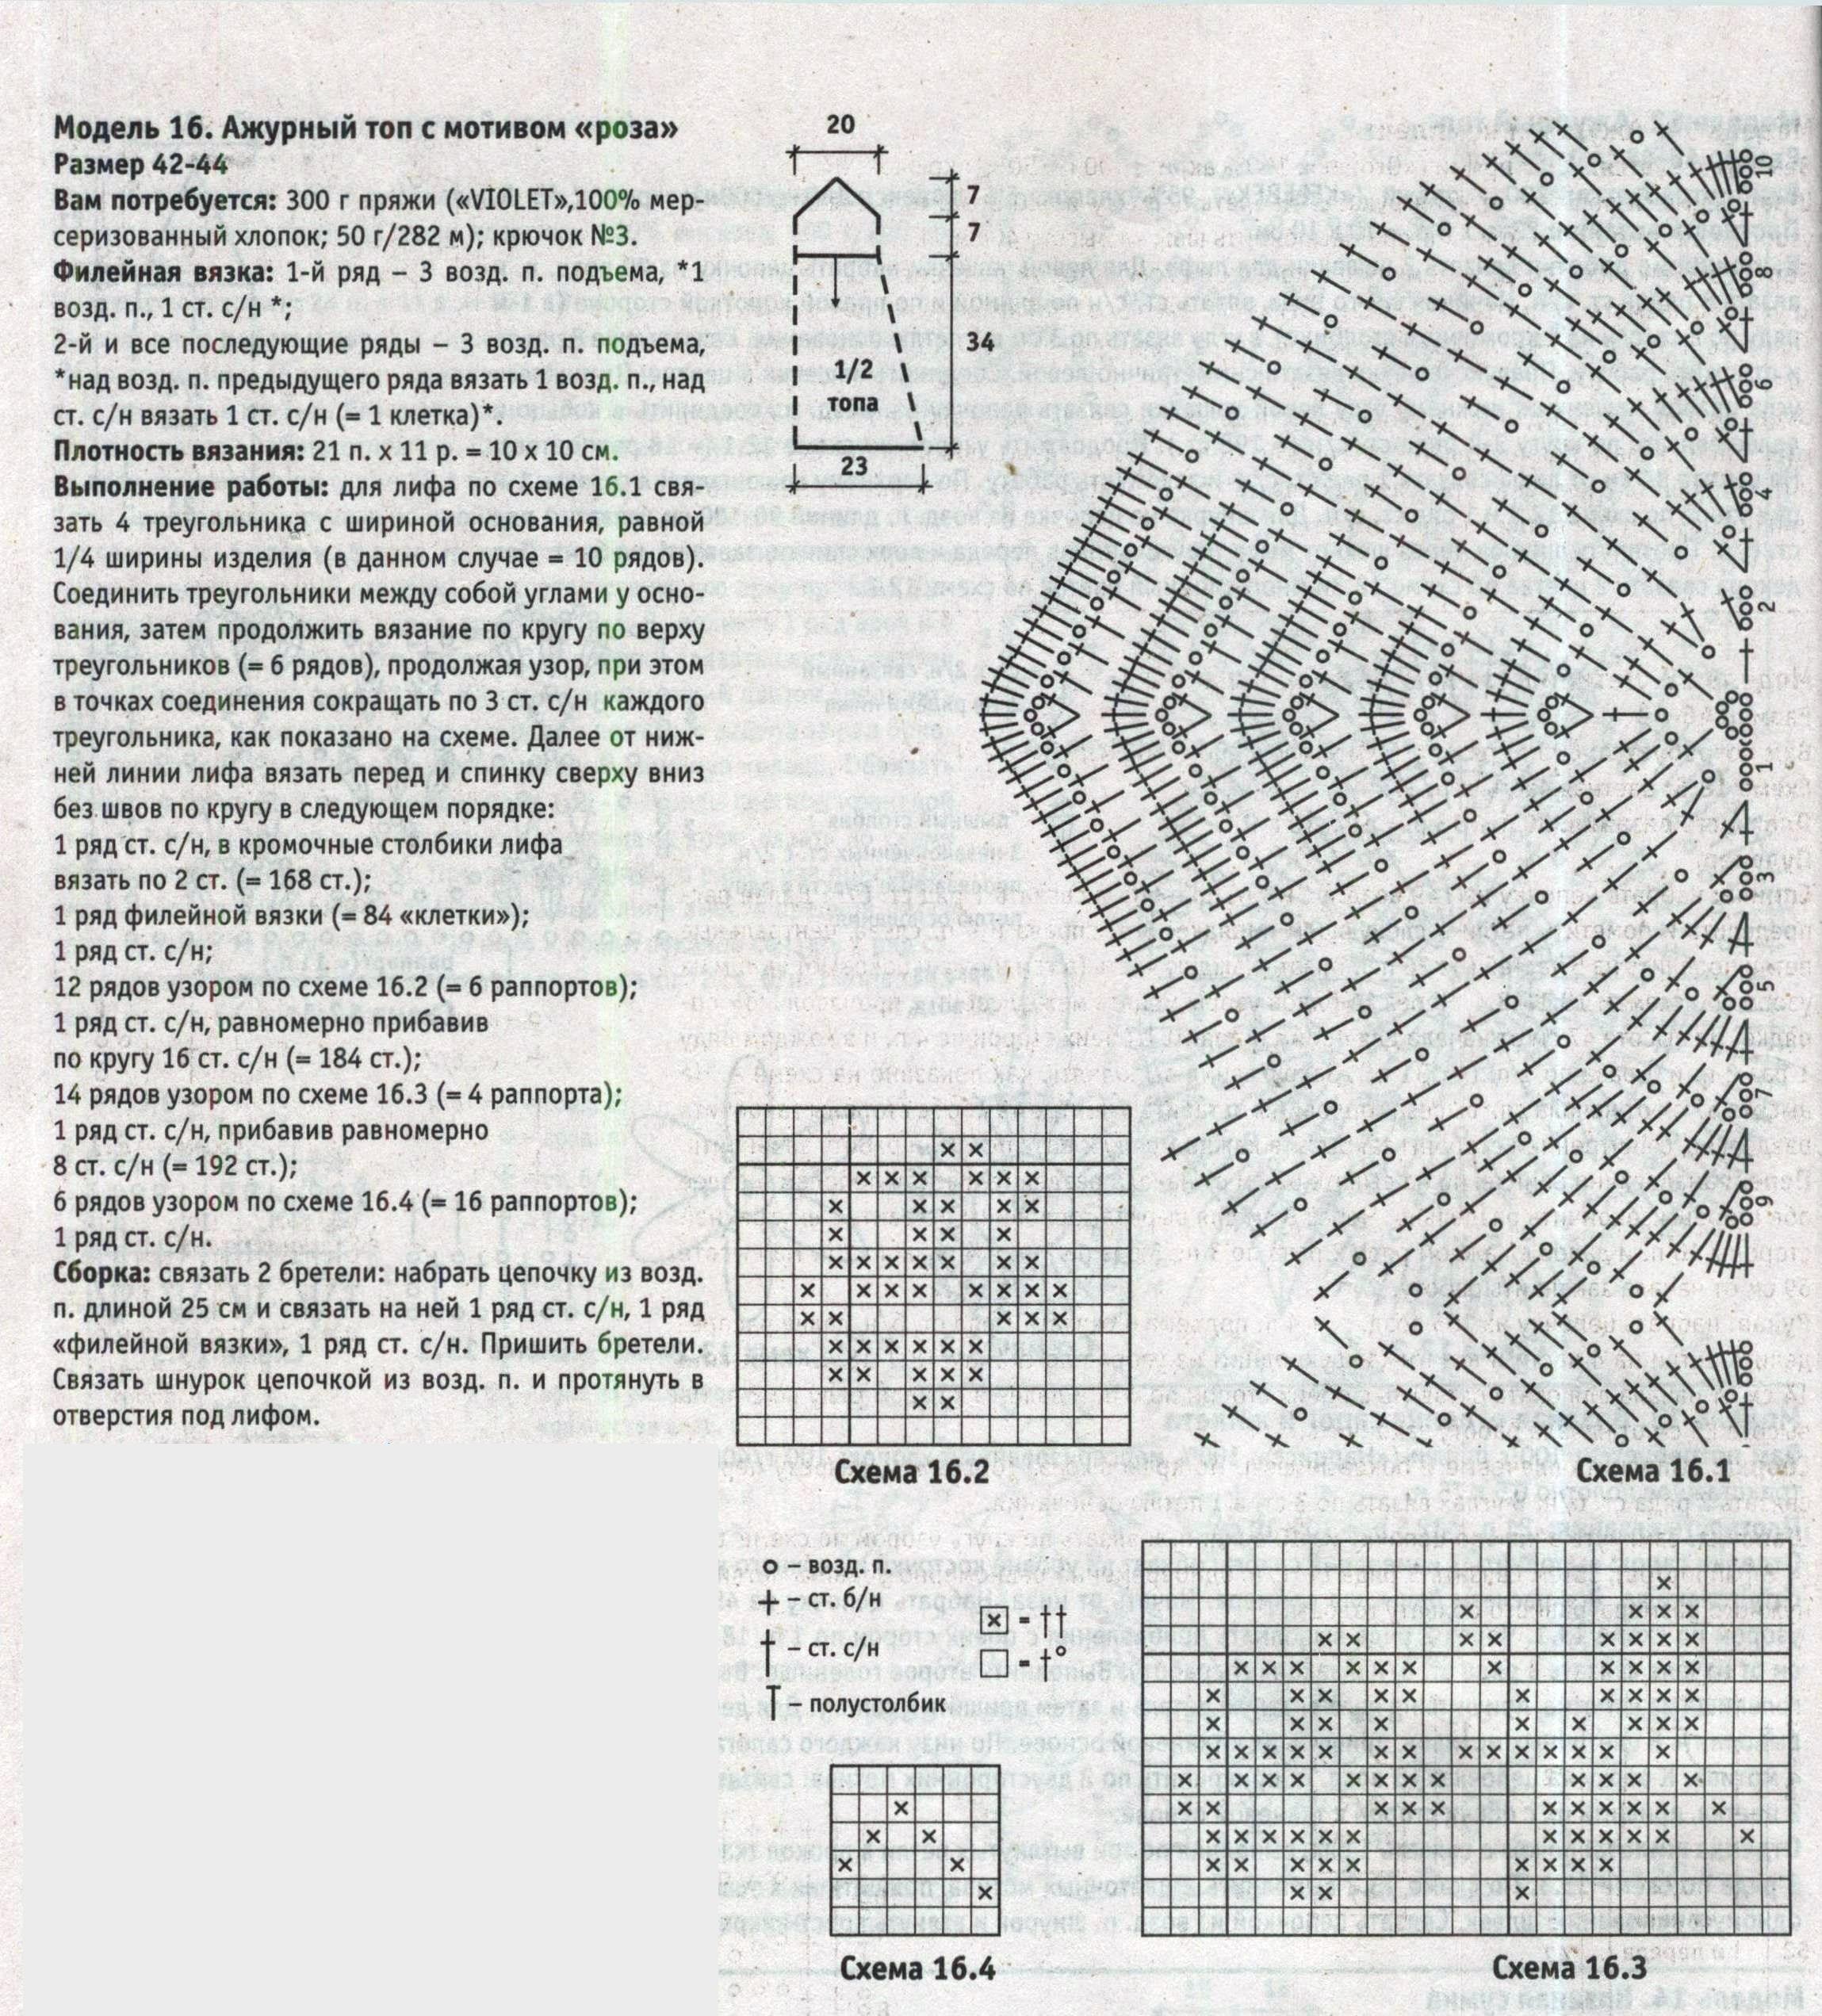 0806_Ксюша № 5 2013 (31)